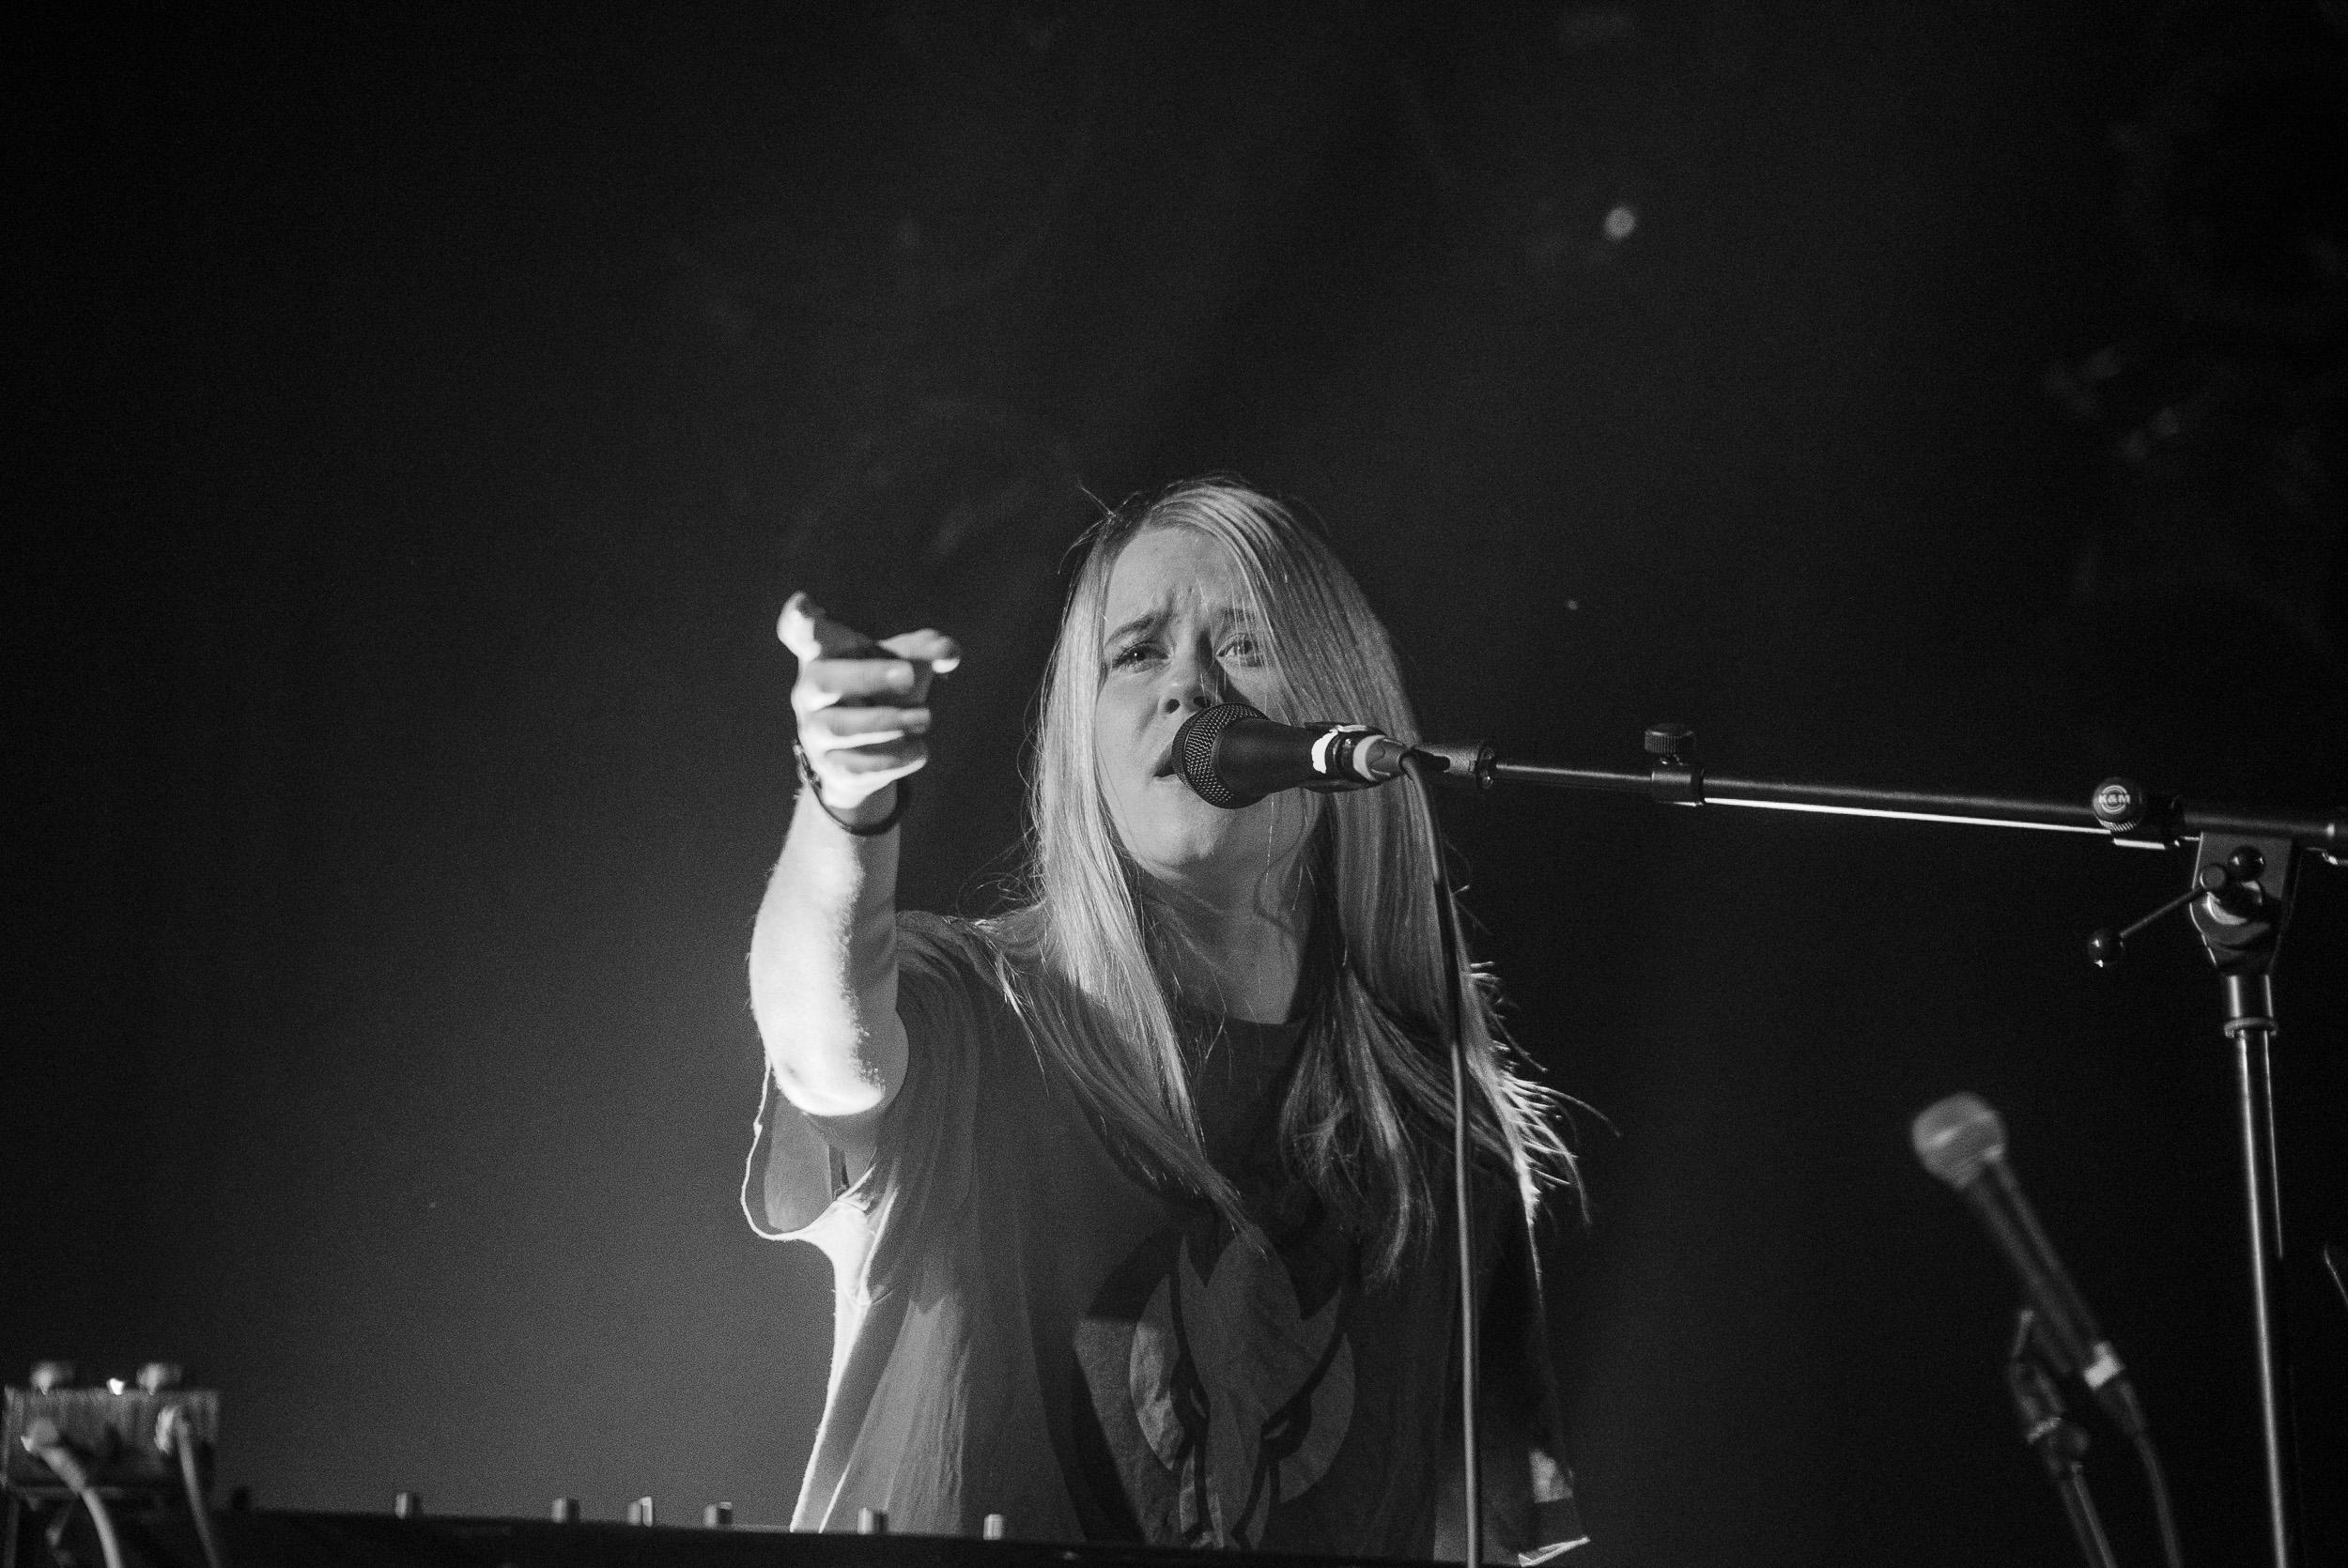 Anna von Hausswolff live at Pumpehuset Copenhagen